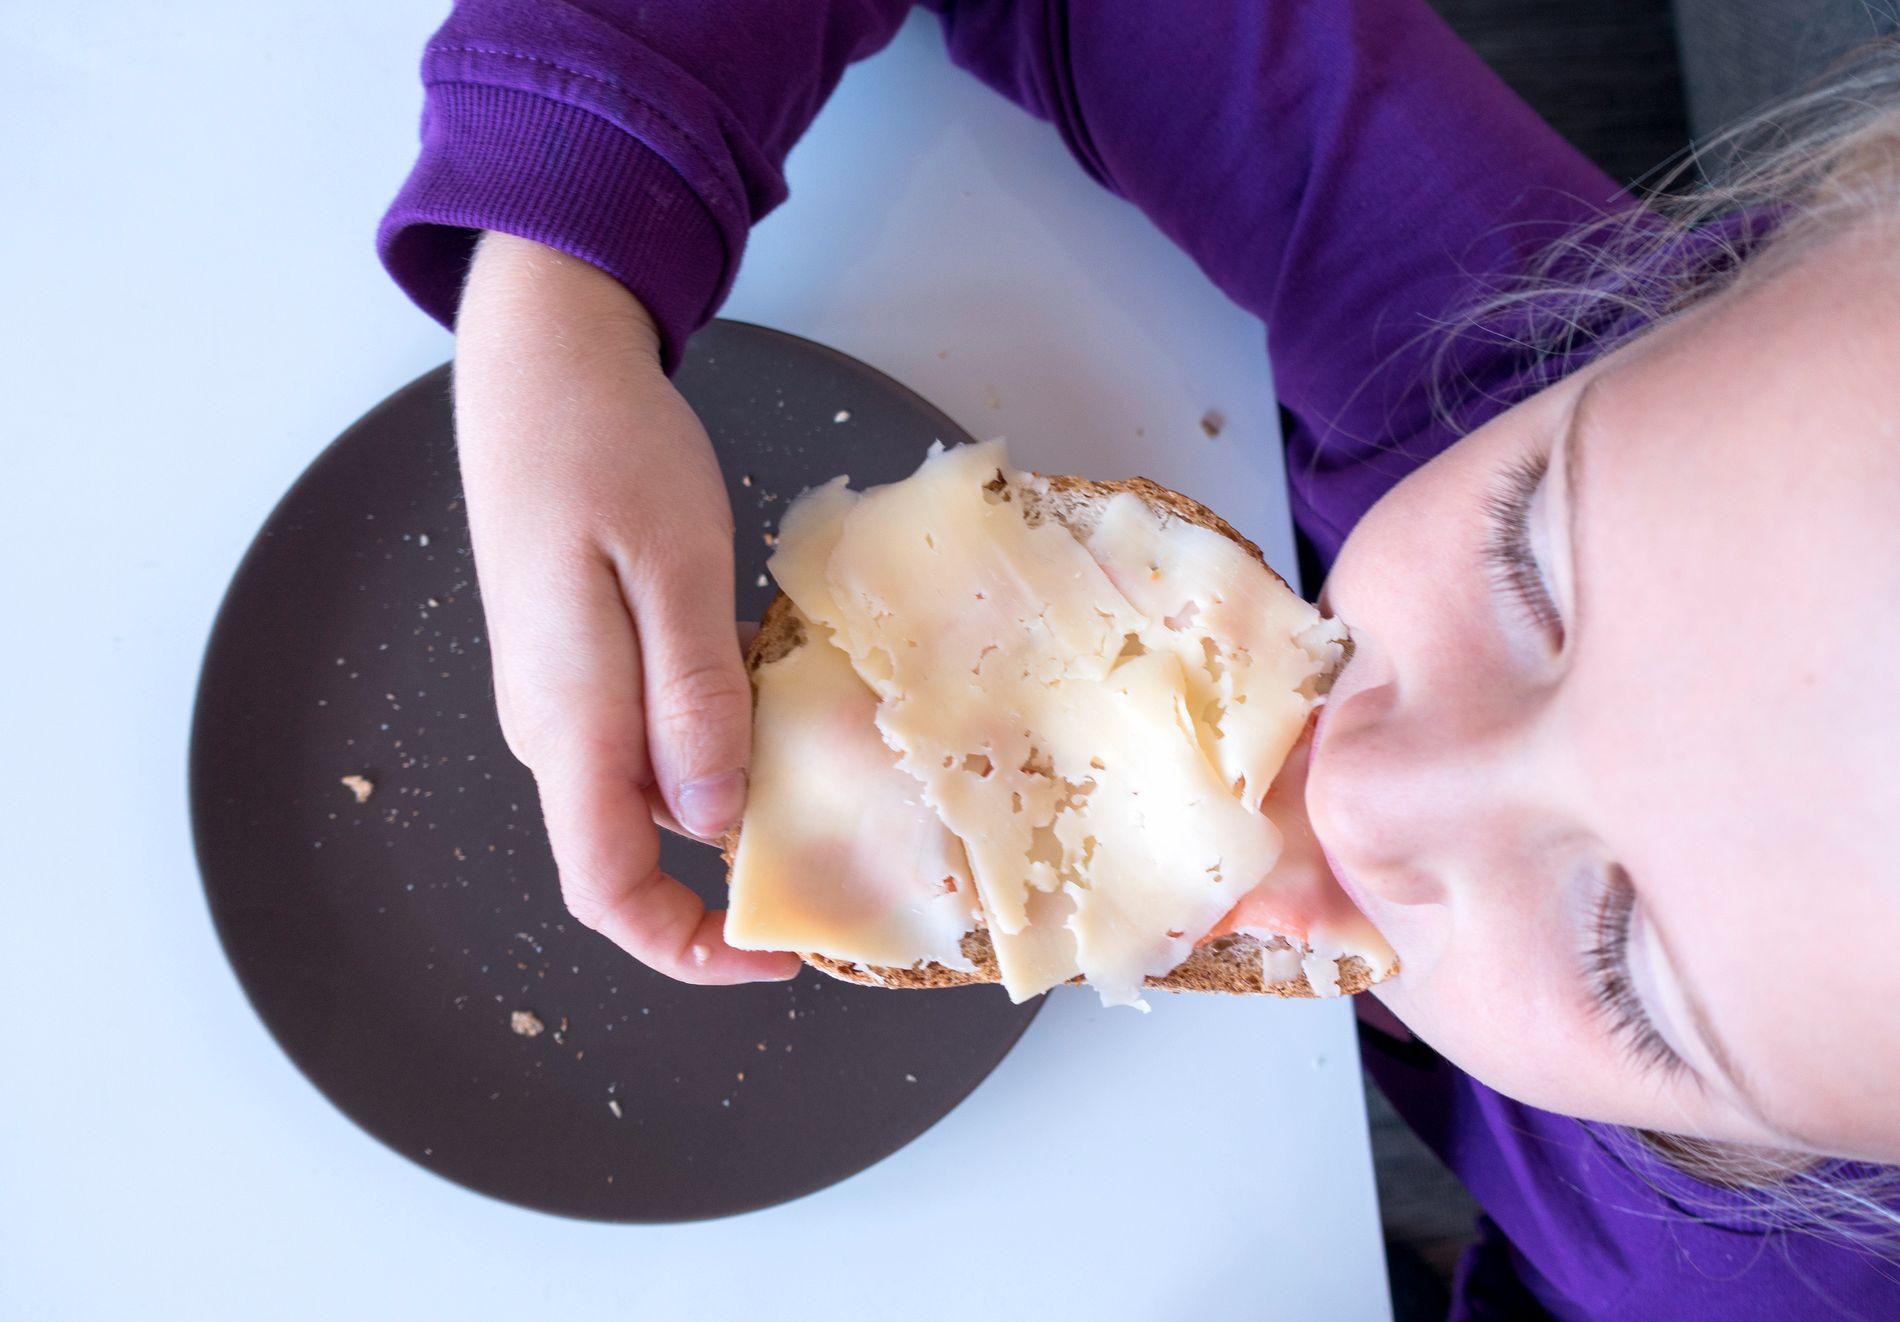 SPISEPAUSE: Professor Eldbjørg Fossgard er kritisk til at barna skal ha undervisning mens de spiser matpakken sin.